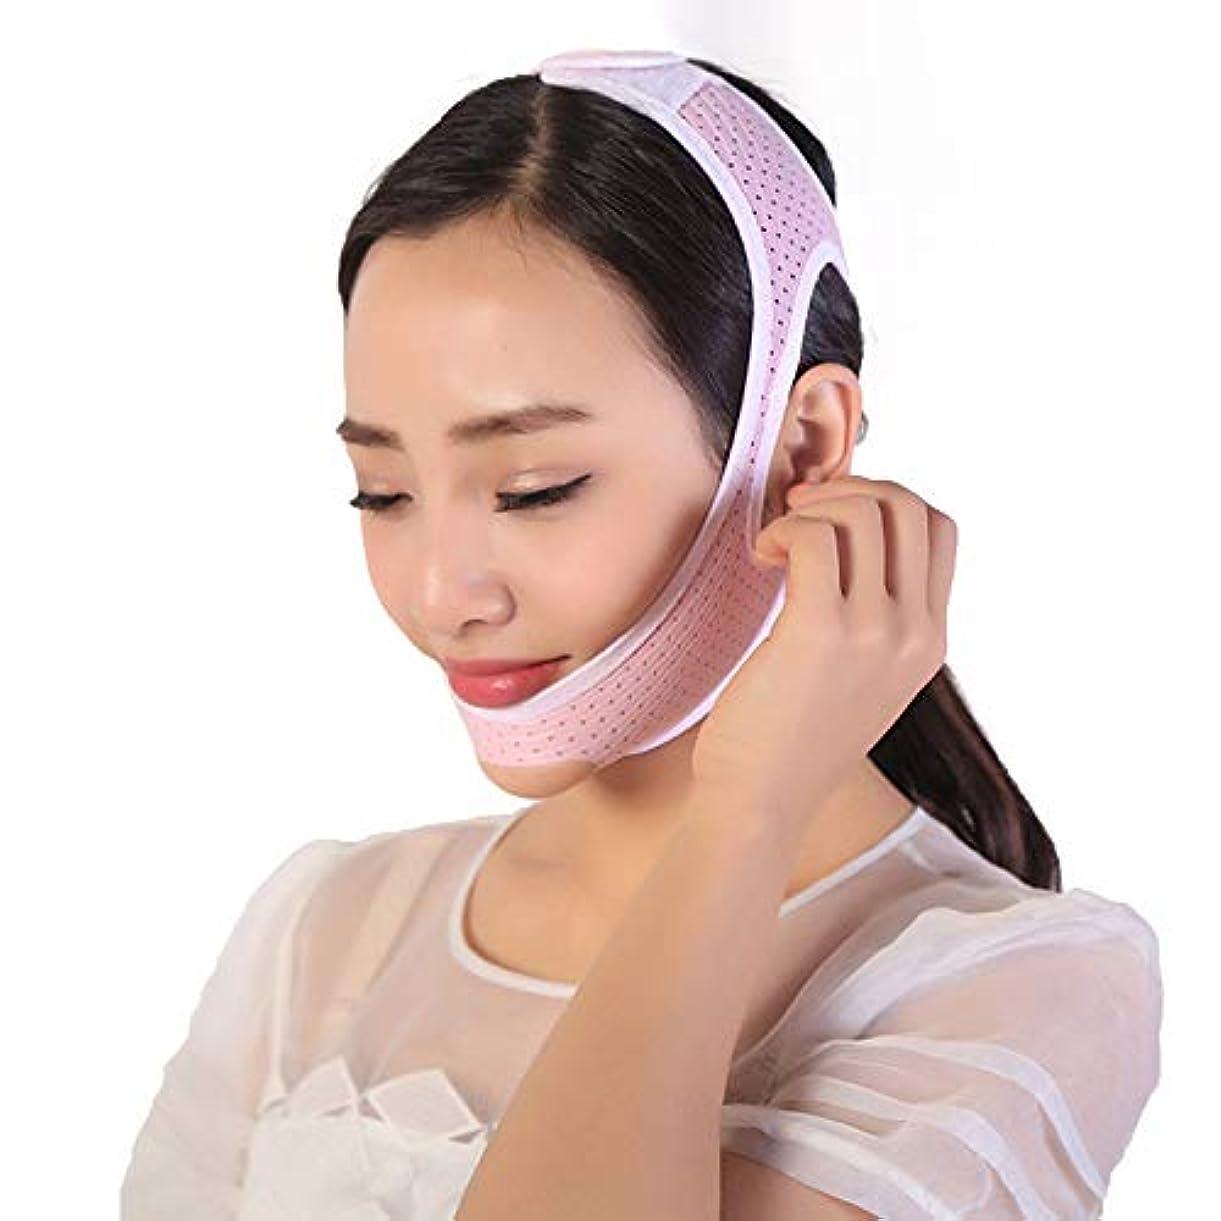 リボン禁輸研究所Jia Jia- フェイシャルリフティングスリミングベルト - 薄型フェイス包帯ダブルチンデバイスフェイシャルマッサージアンチエイジングリンクルフェイスマスクベルト 顔面包帯 (サイズ さいず : L l)